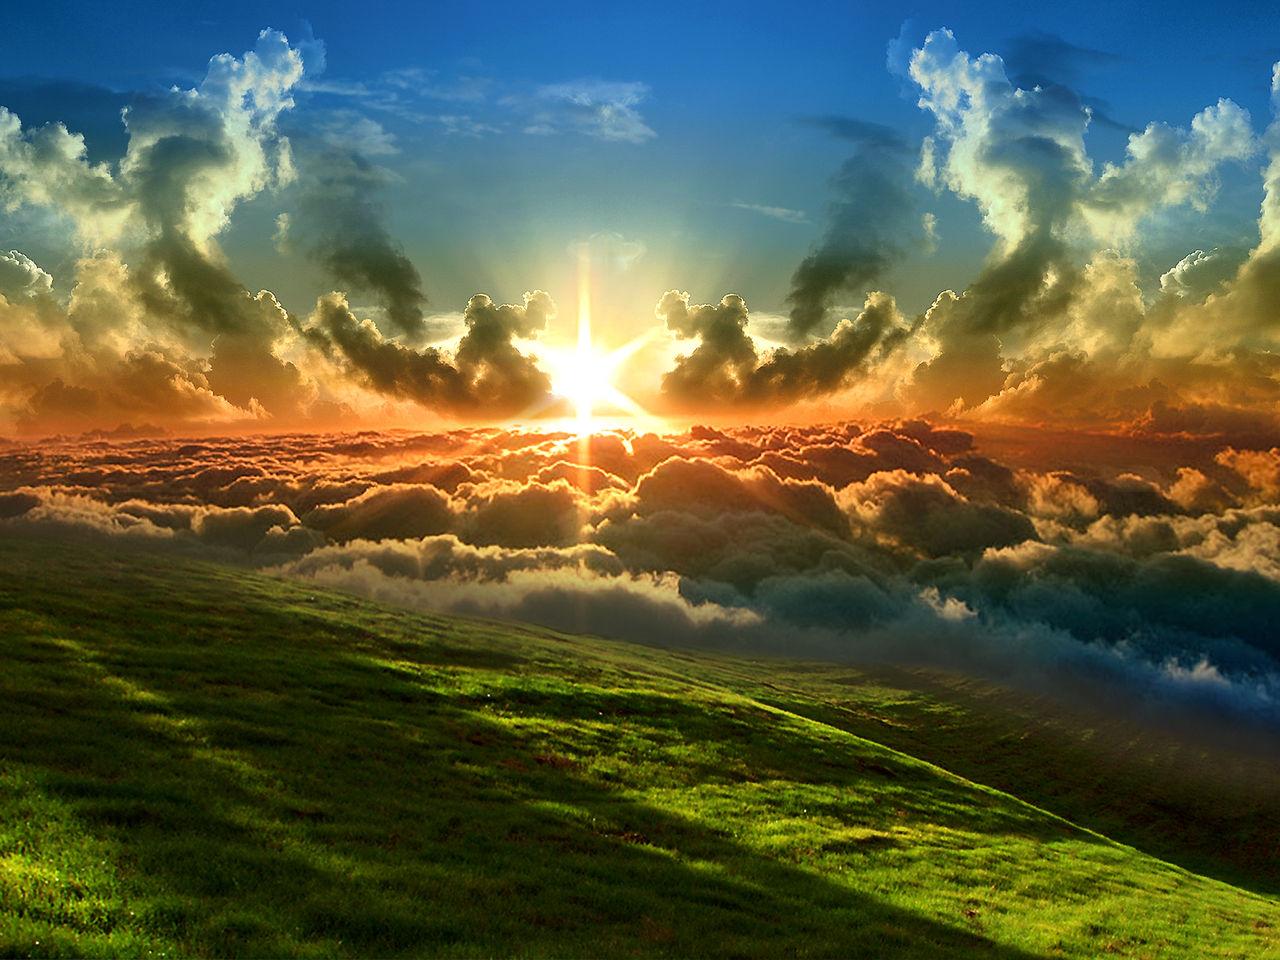 天国のような風景.jpg